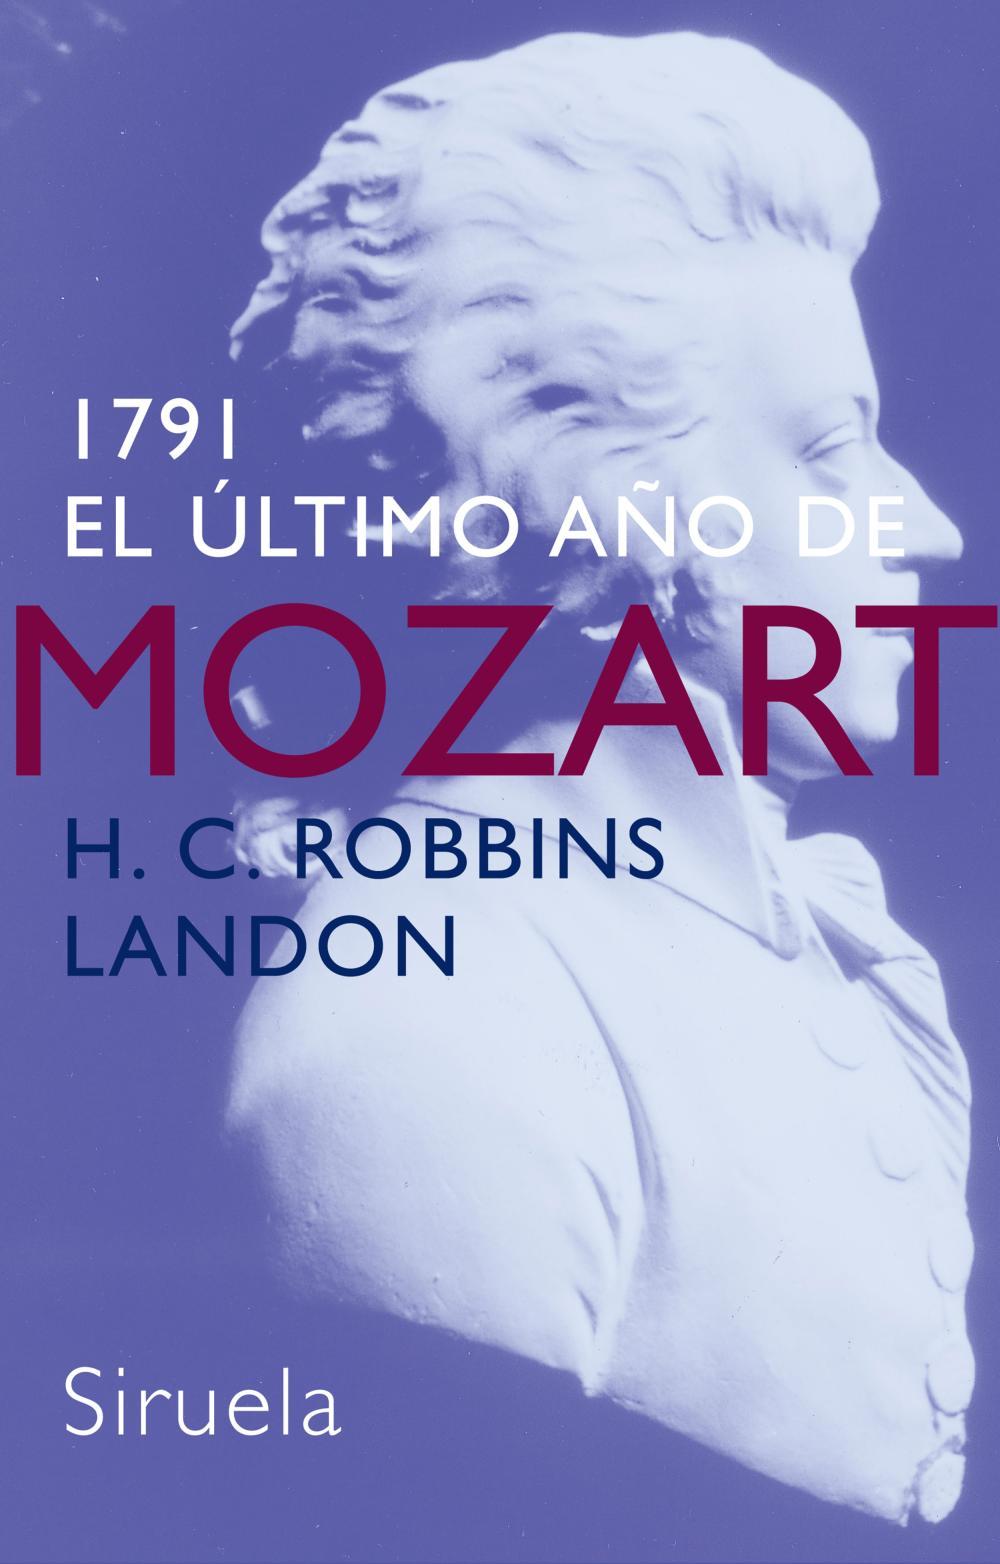 1791: El último año de Mozart